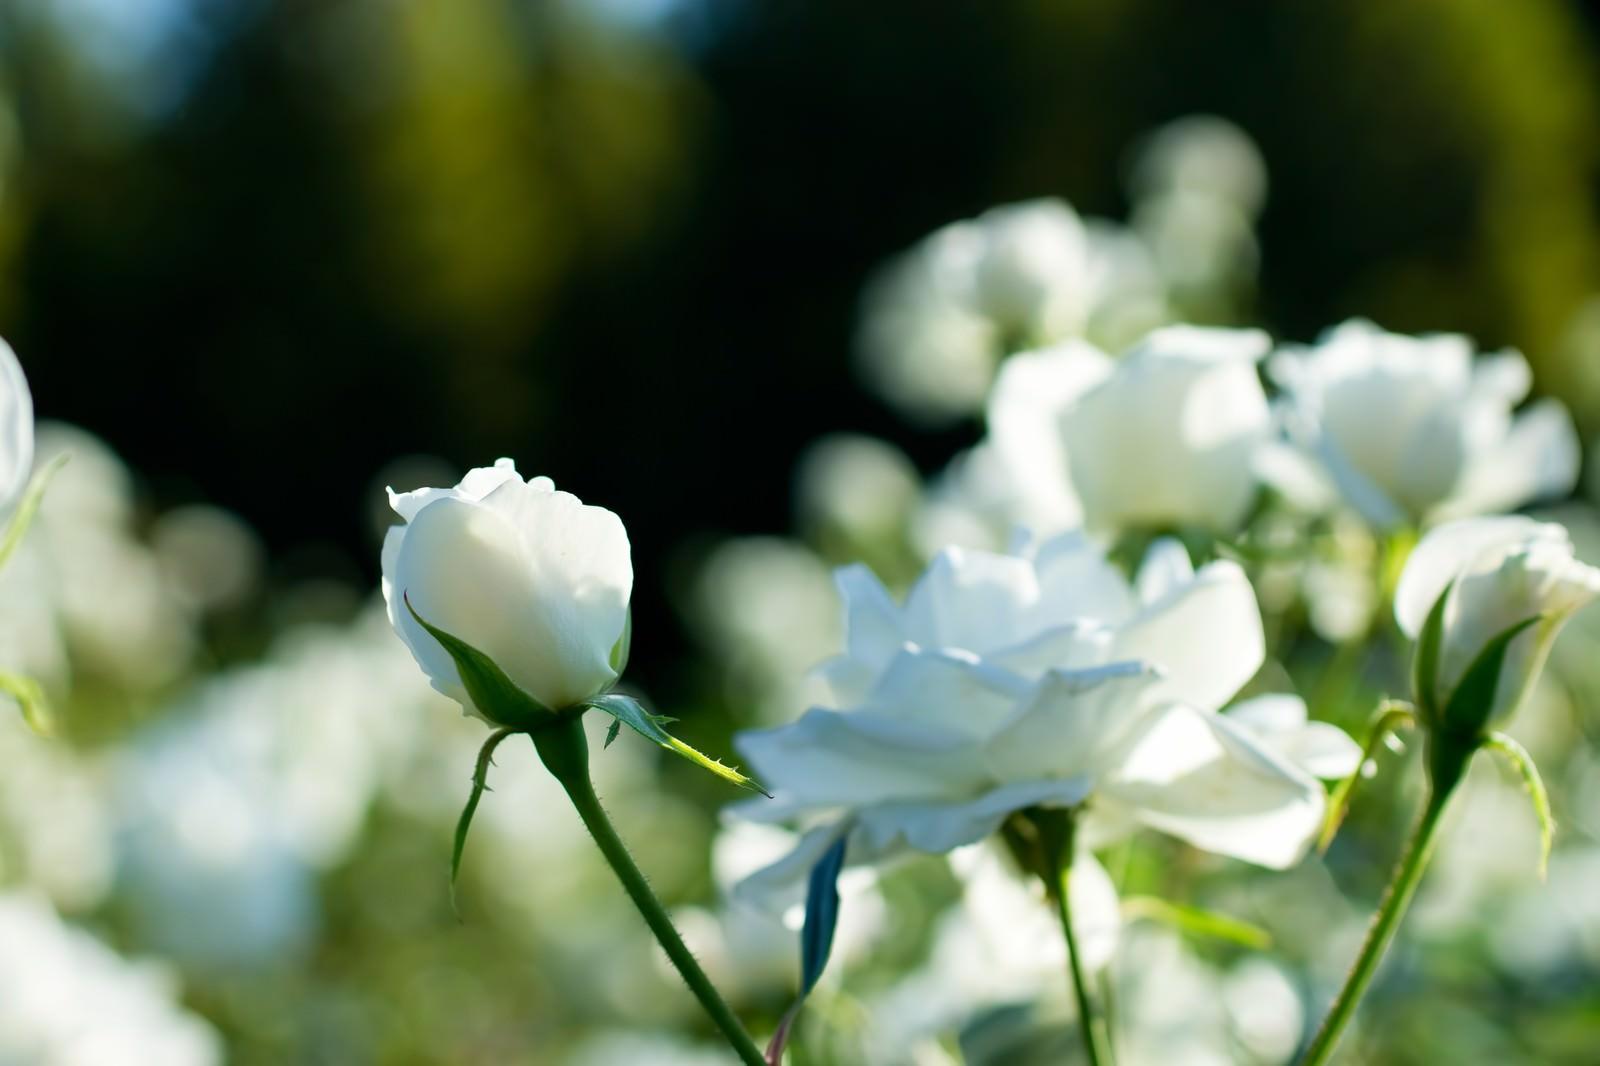 「シュネービッチェン(薔薇) | 写真の無料素材・フリー素材 - ぱくたそ」の写真